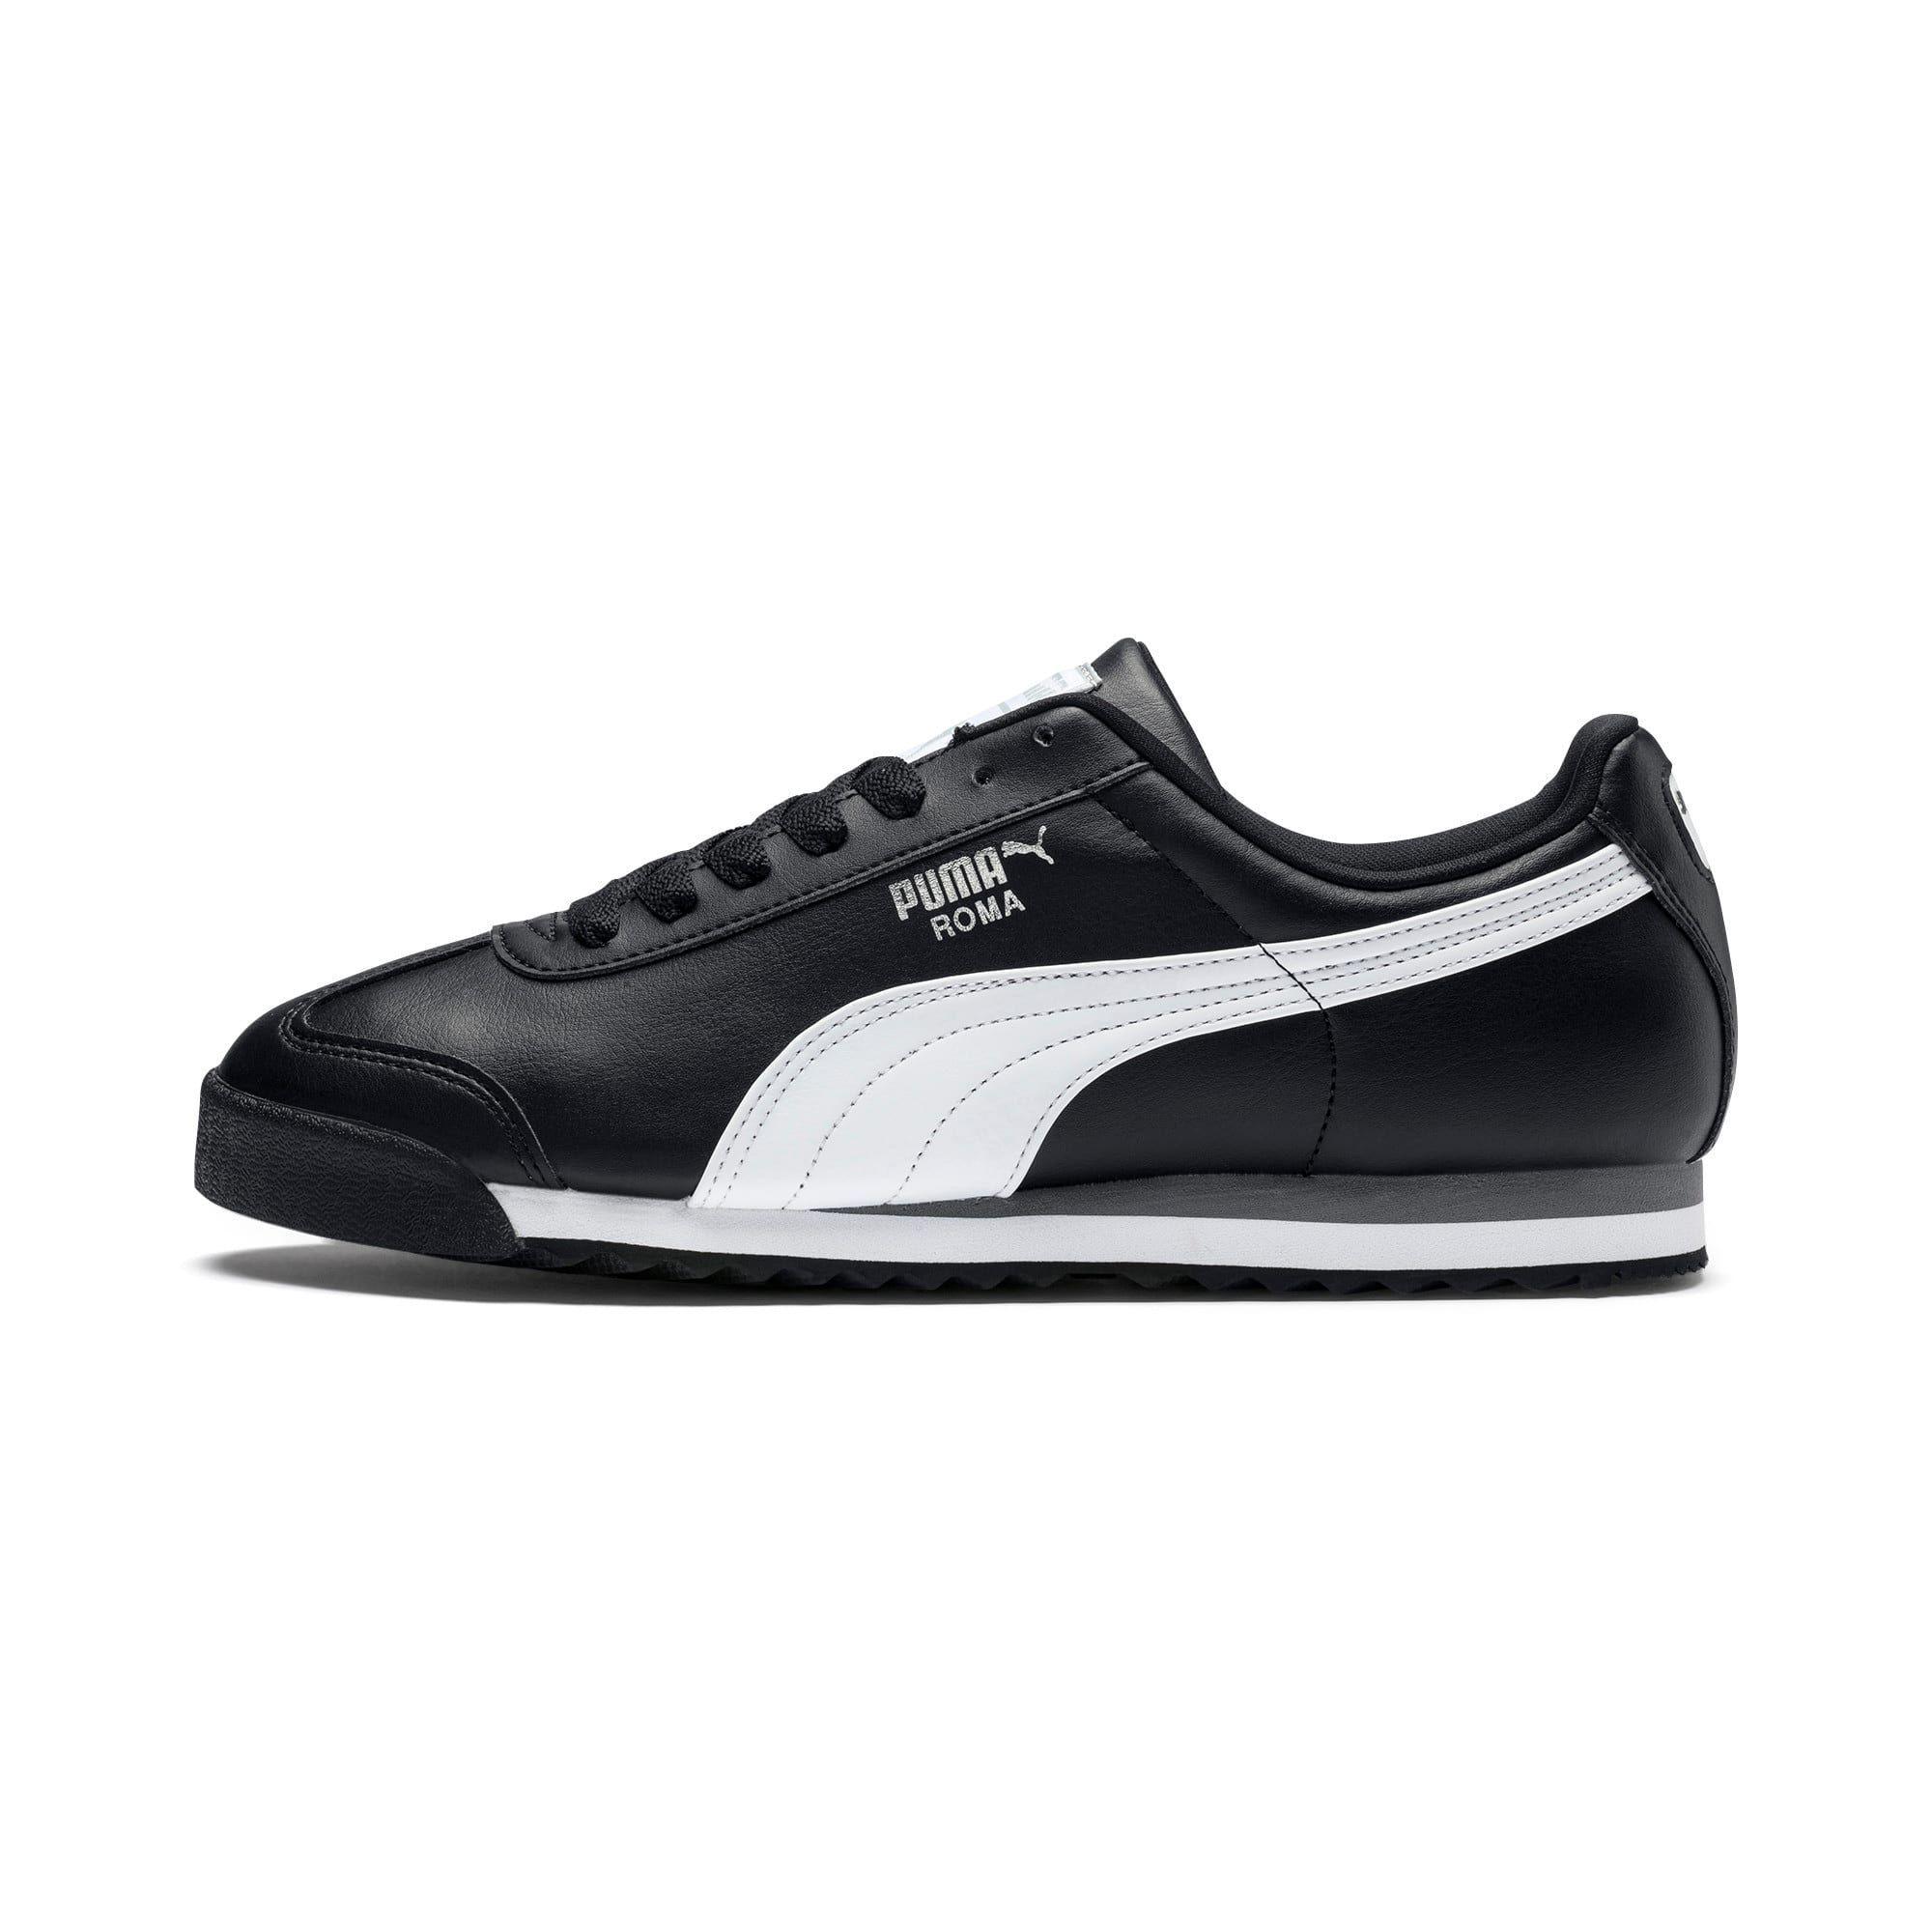 PUMA Chaussure Basket Roma Basic pour Homme, Noir/Blanc/Argent, Taille 40.5